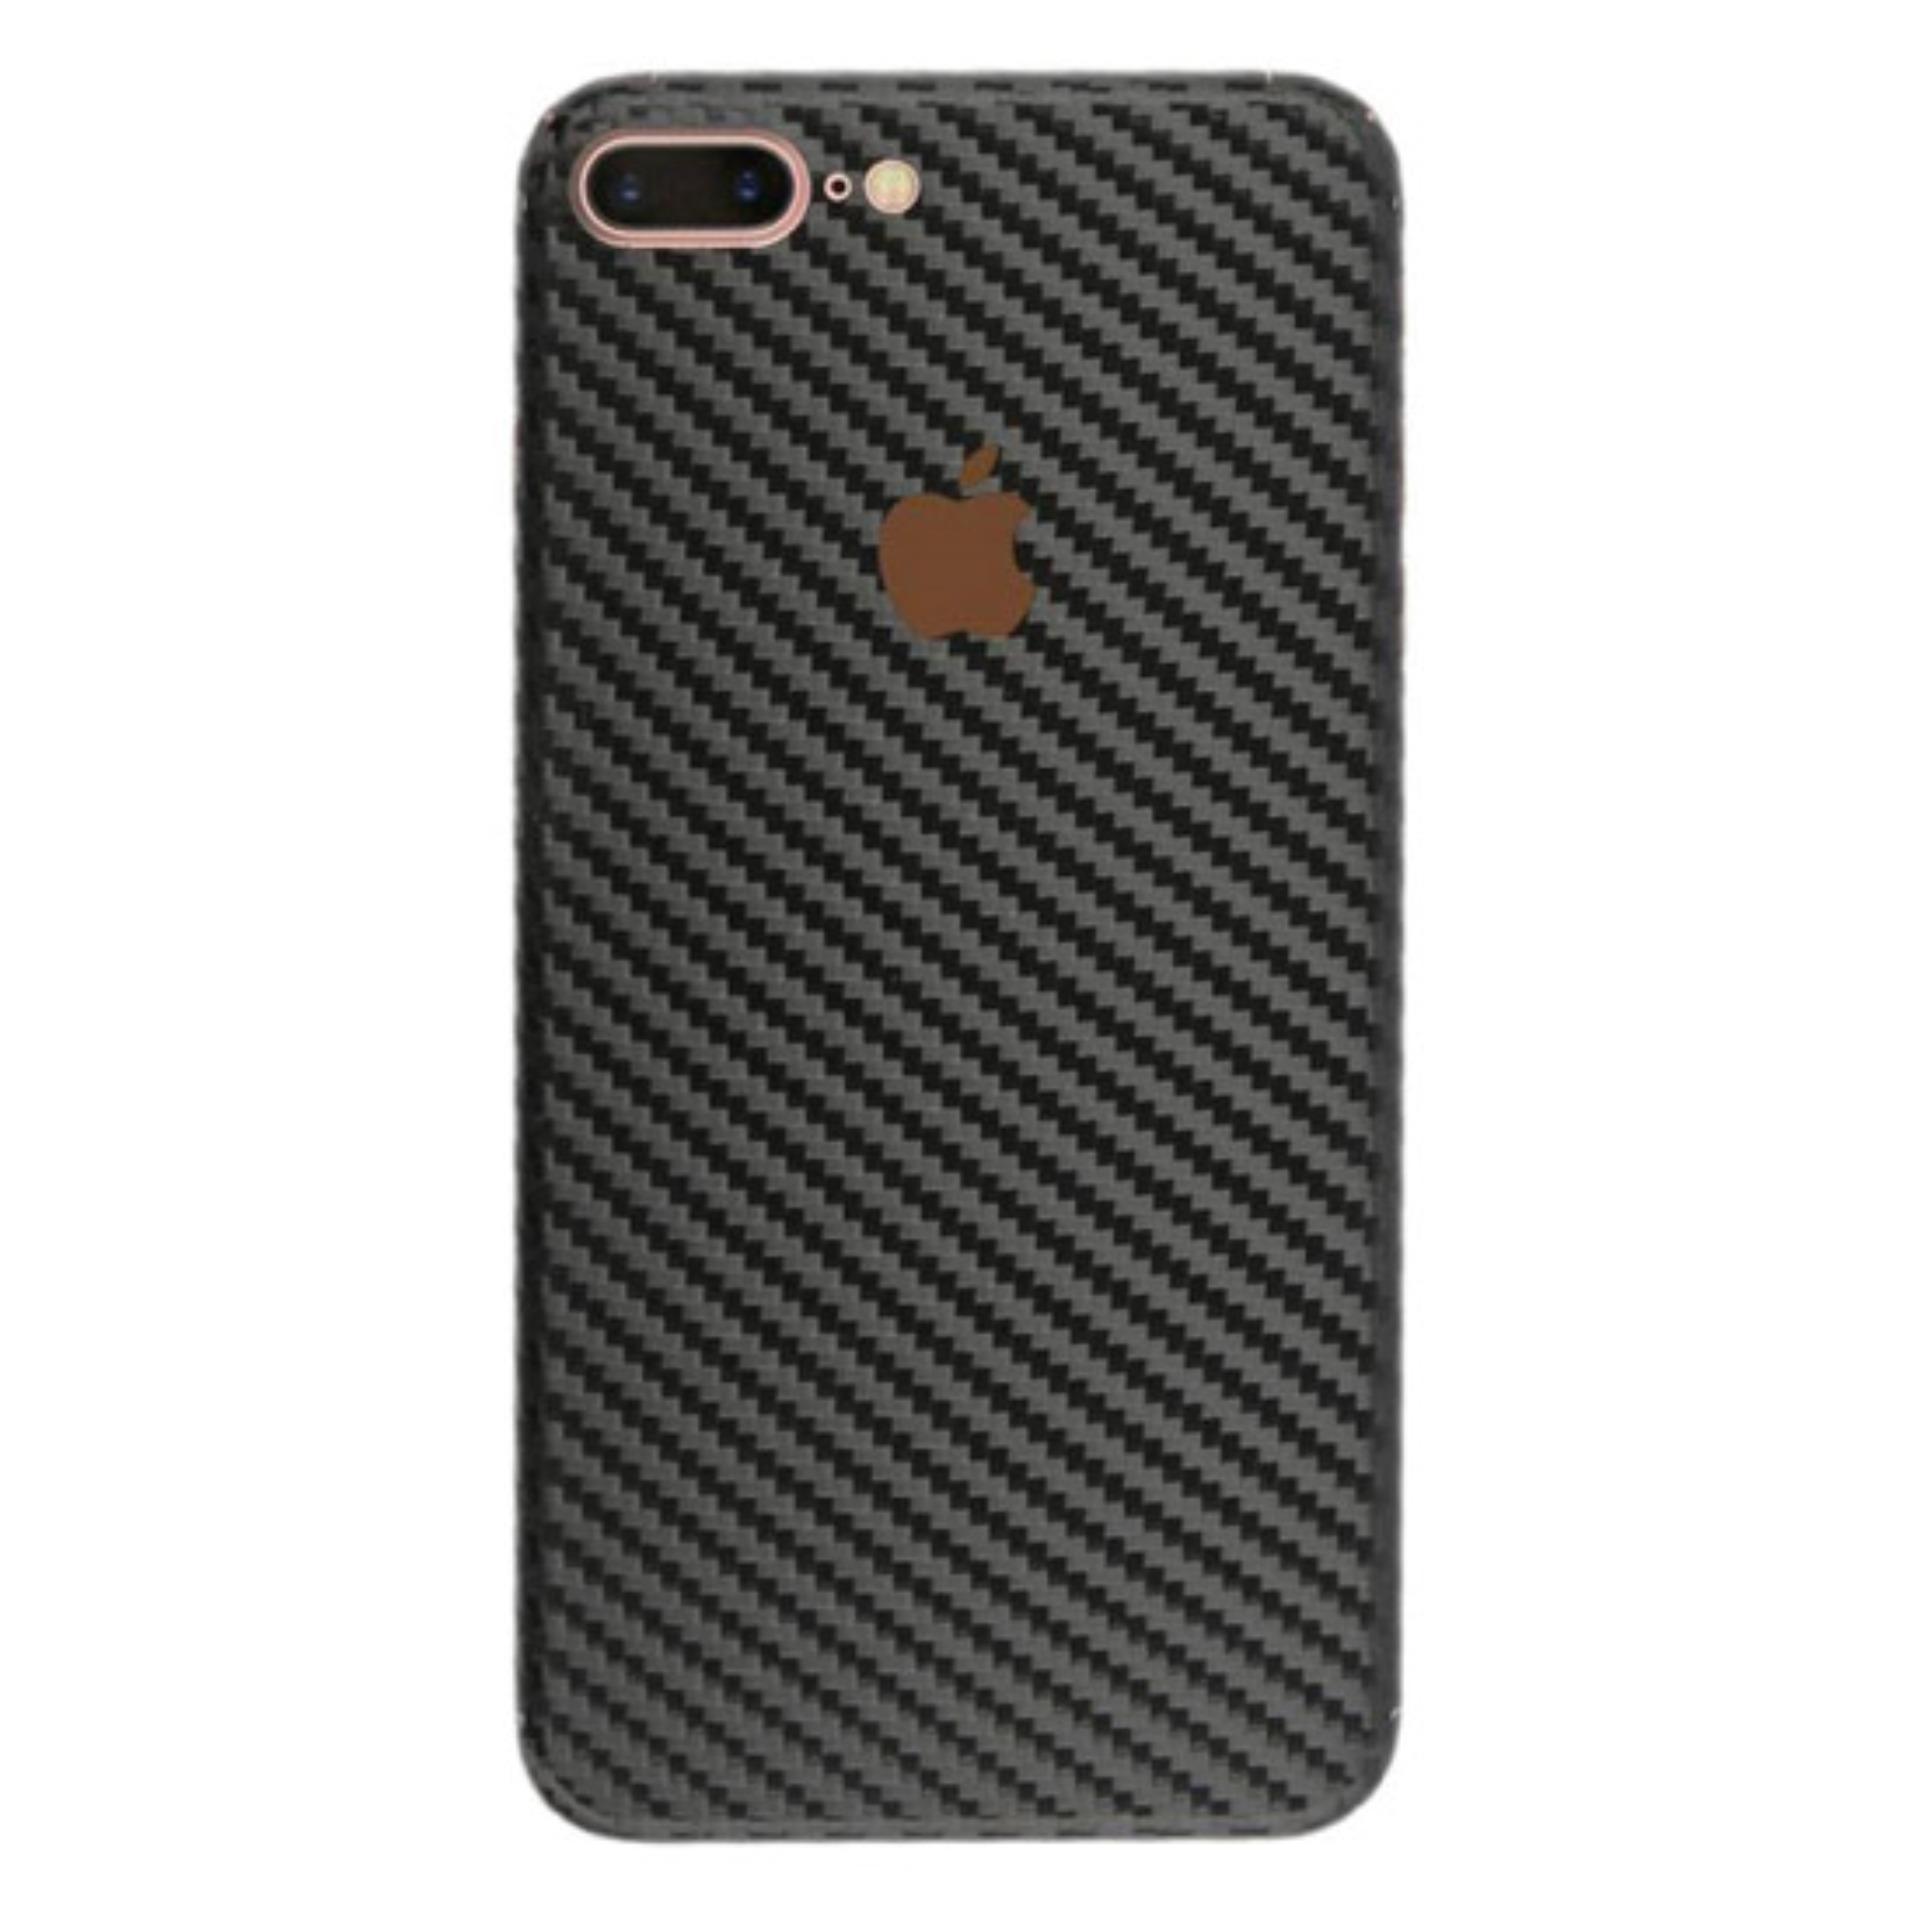 Miếng dán mặt sau vân Carbon cho Iphone 7 Plus - Trong suốt